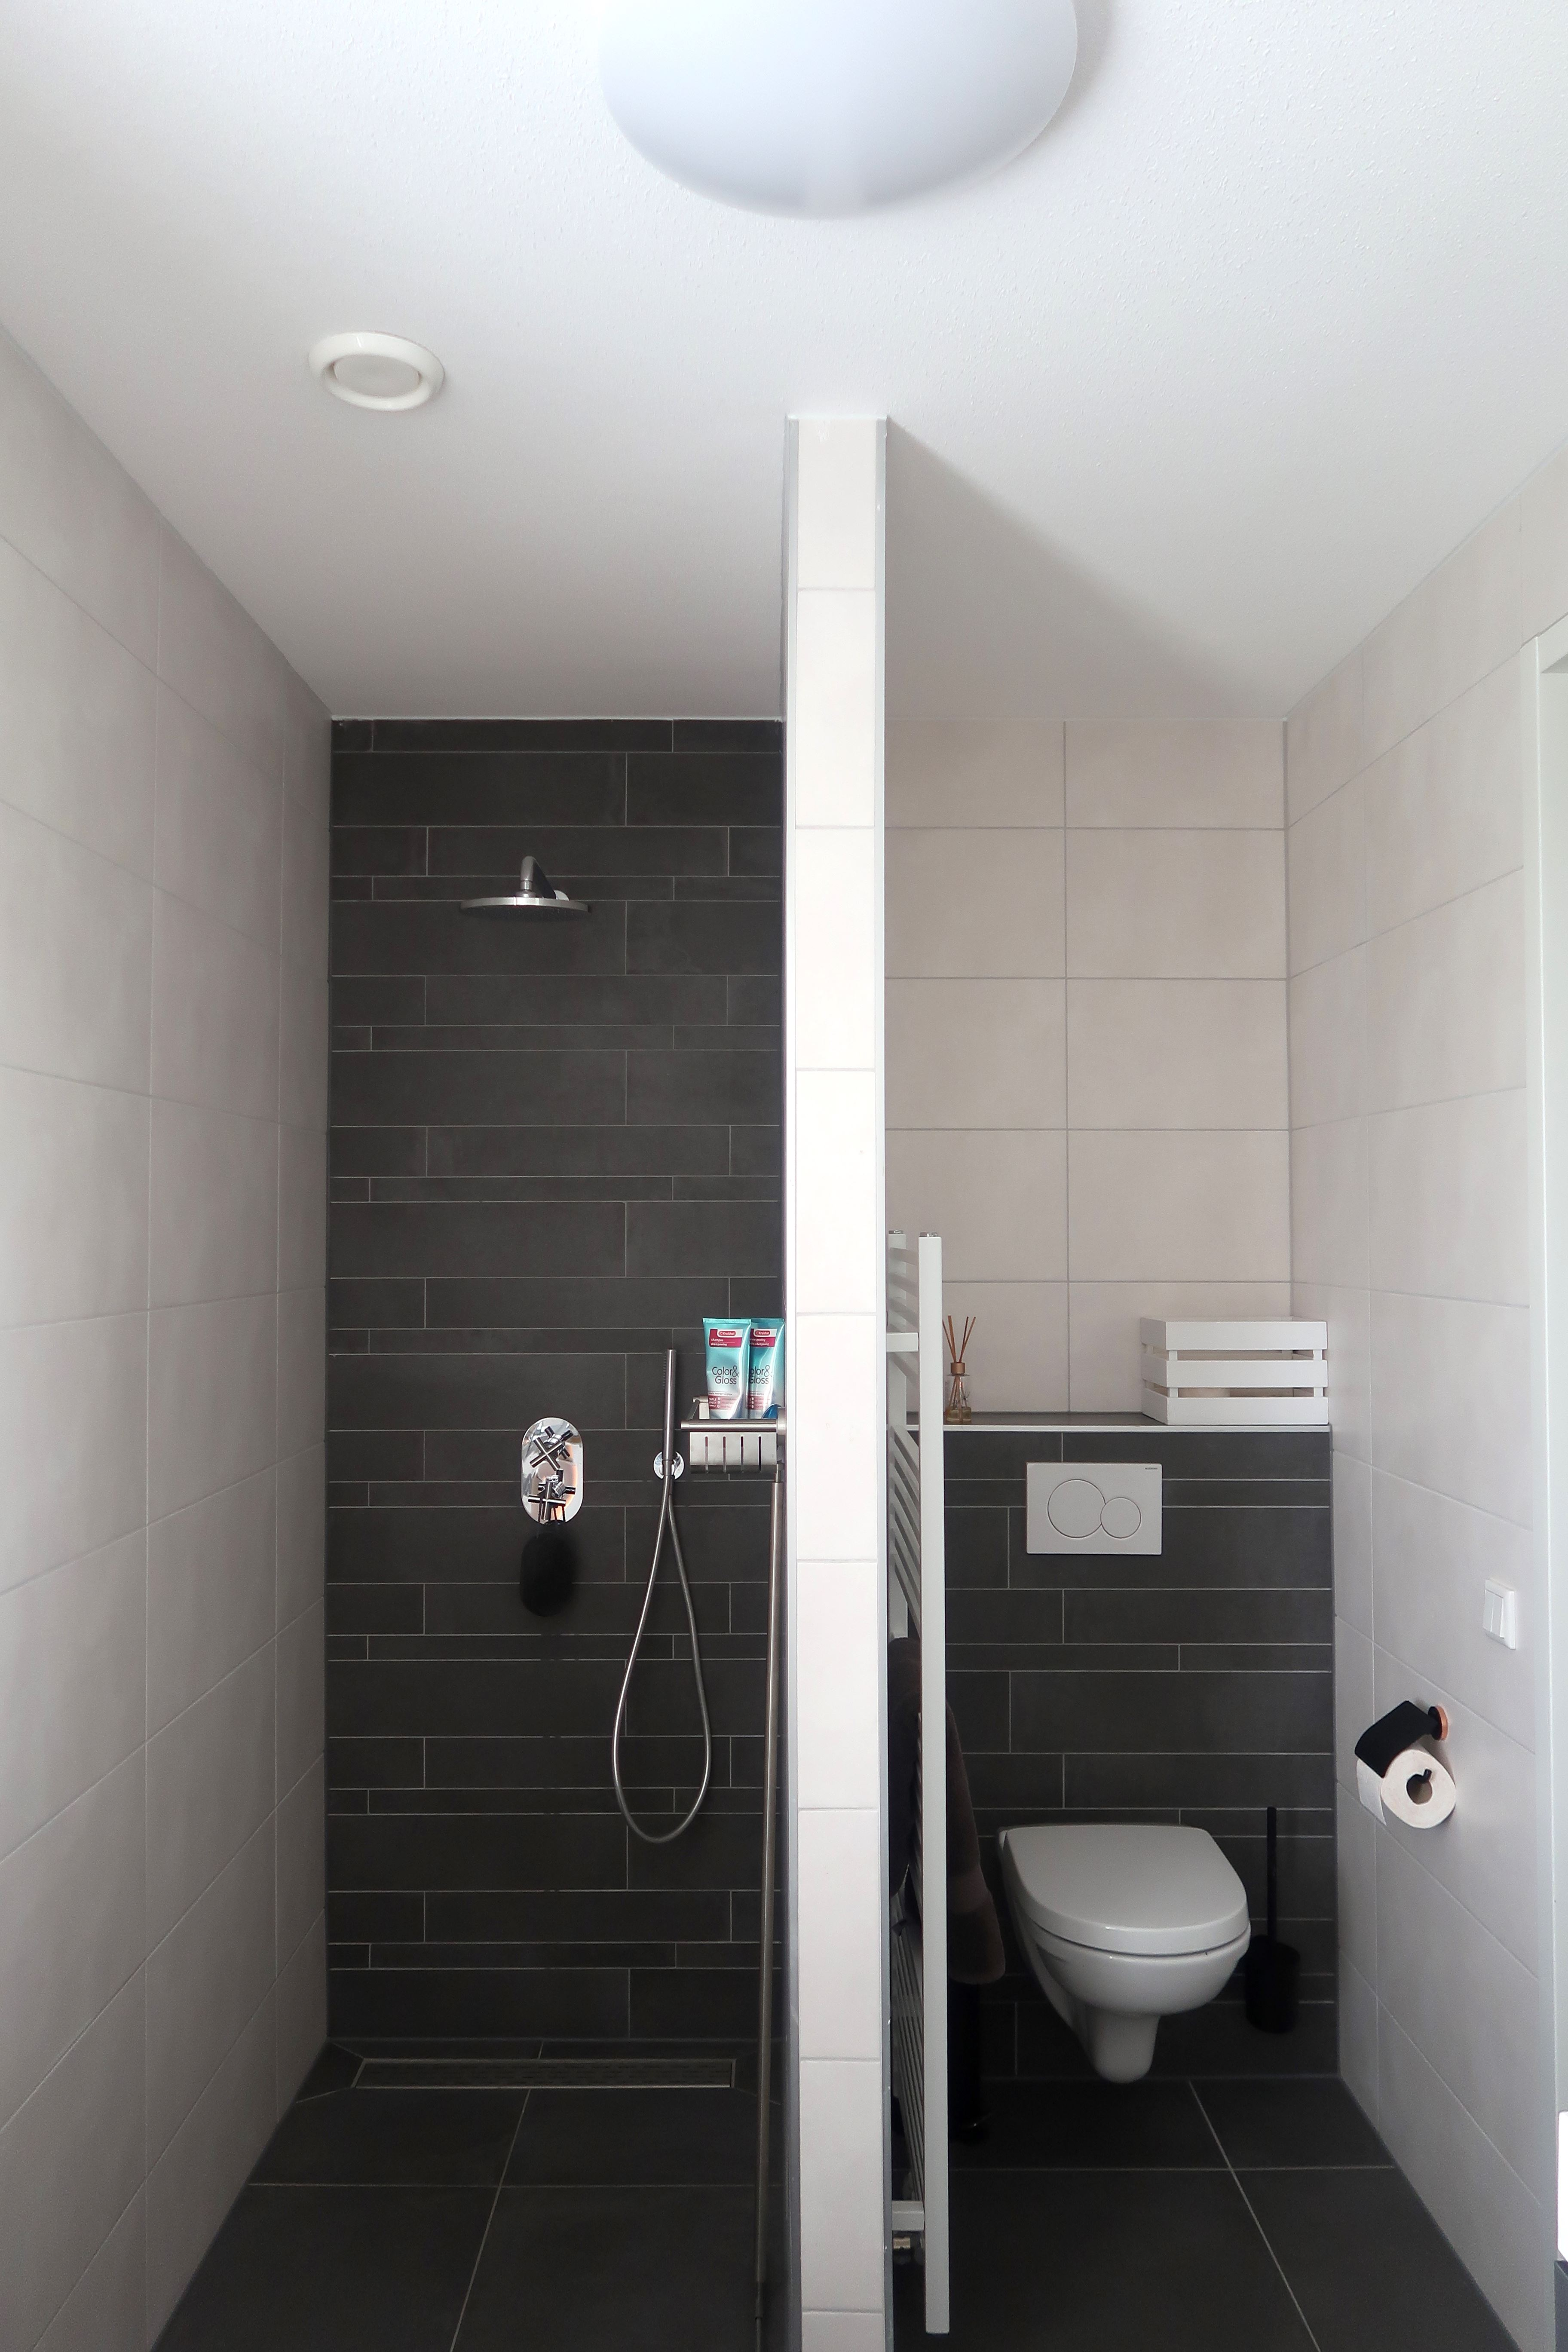 Onze nieuwe badkamer inloopdouche